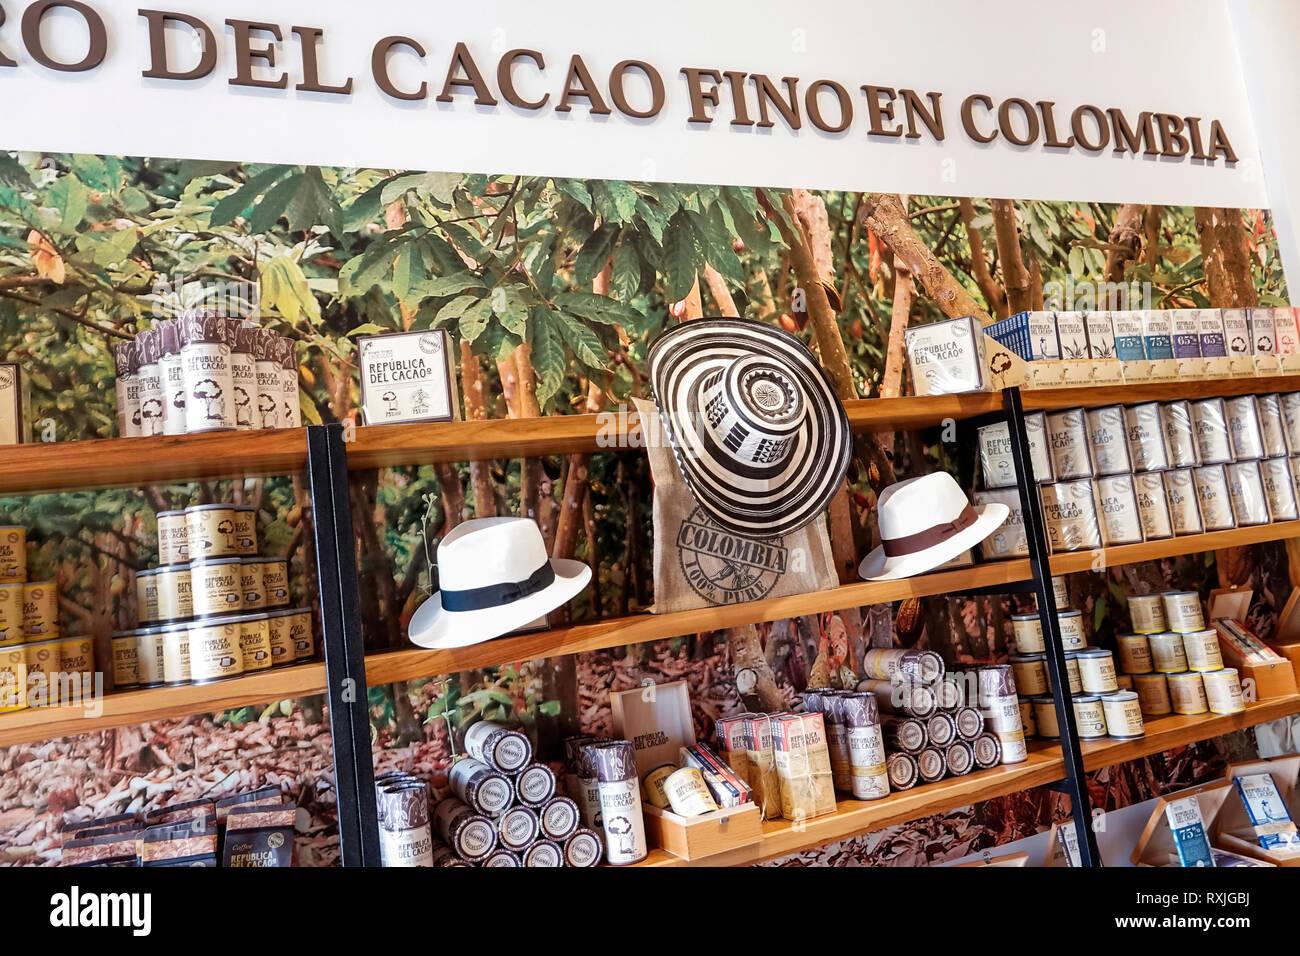 Cartagena Kolumbien alte Walled City Centre Centro Republica del Cacao store Shopping Anzeige Verkauf Inland Produkt nachhaltigen Kakao handwerklichen f Stockfoto